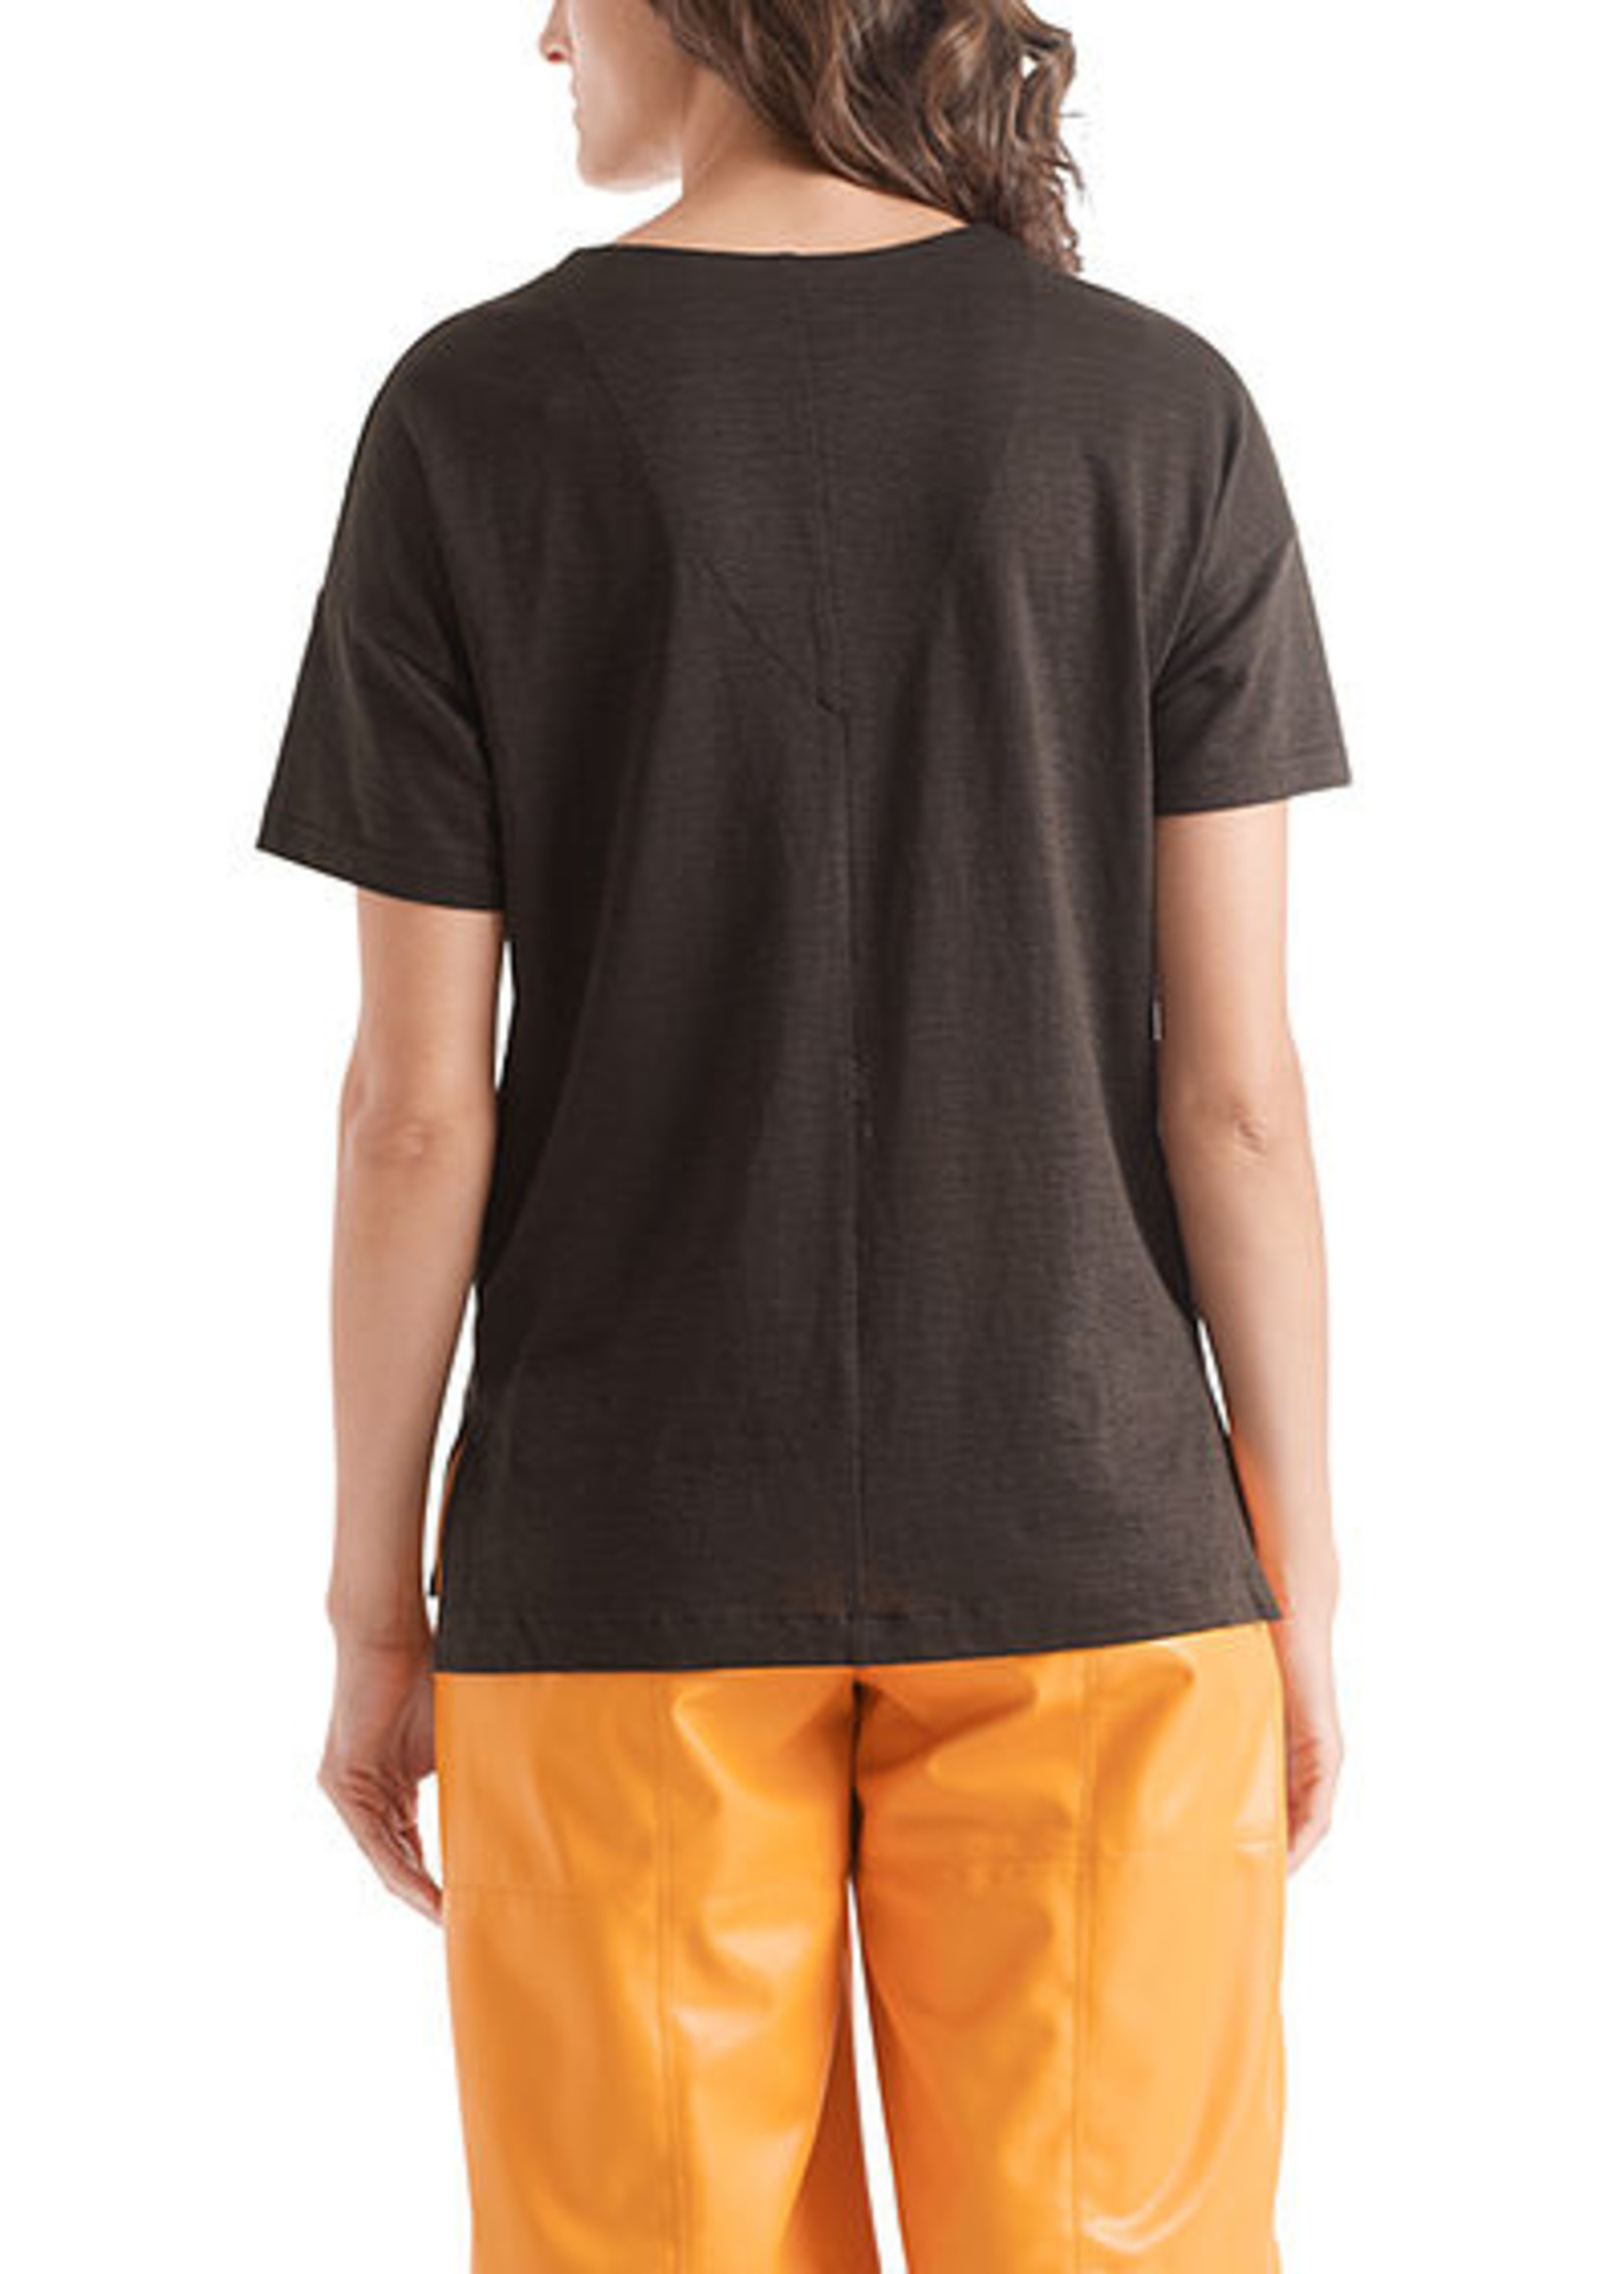 T-shirt QC 48.49 J54